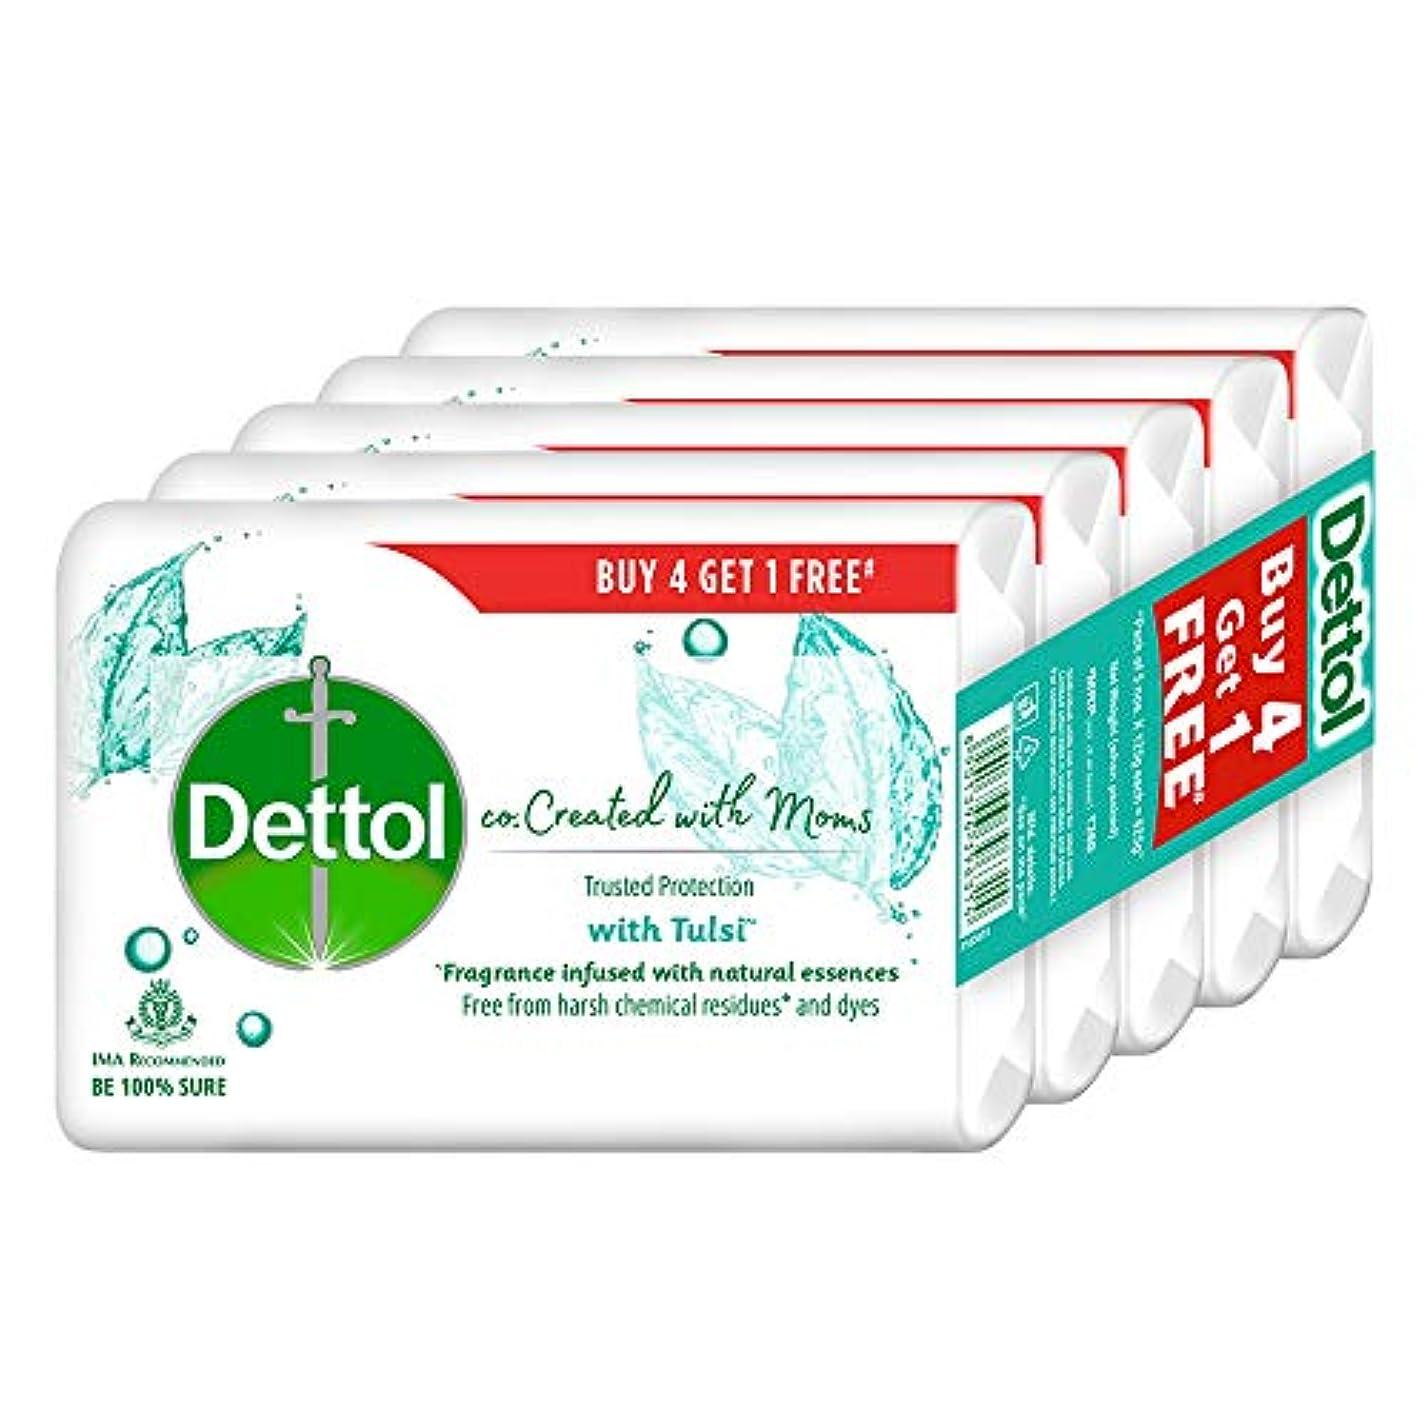 確かにペックマスタードDettol Co-created with moms Tulsi Bathing Soap, 125gm (Buy 4 Get 1 Free)